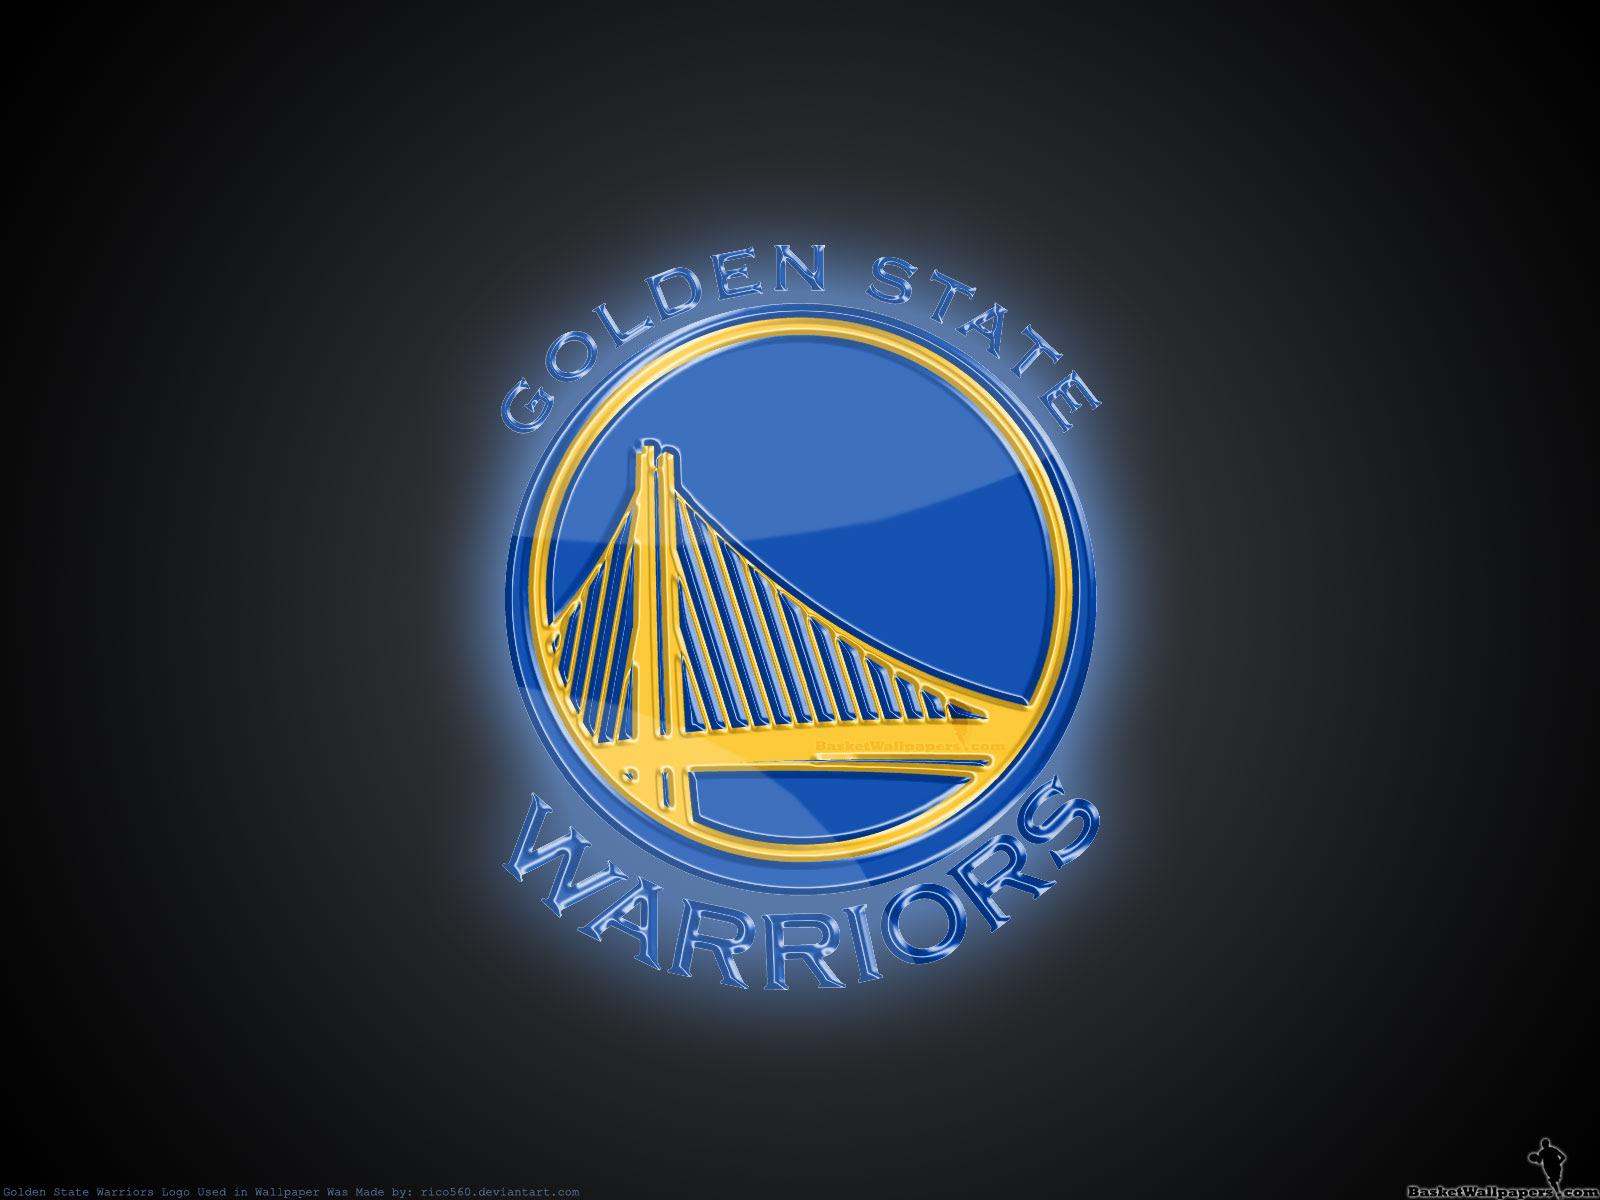 Golden State Warriors 3d Logo Wallpaper Basketball Wallpapers At